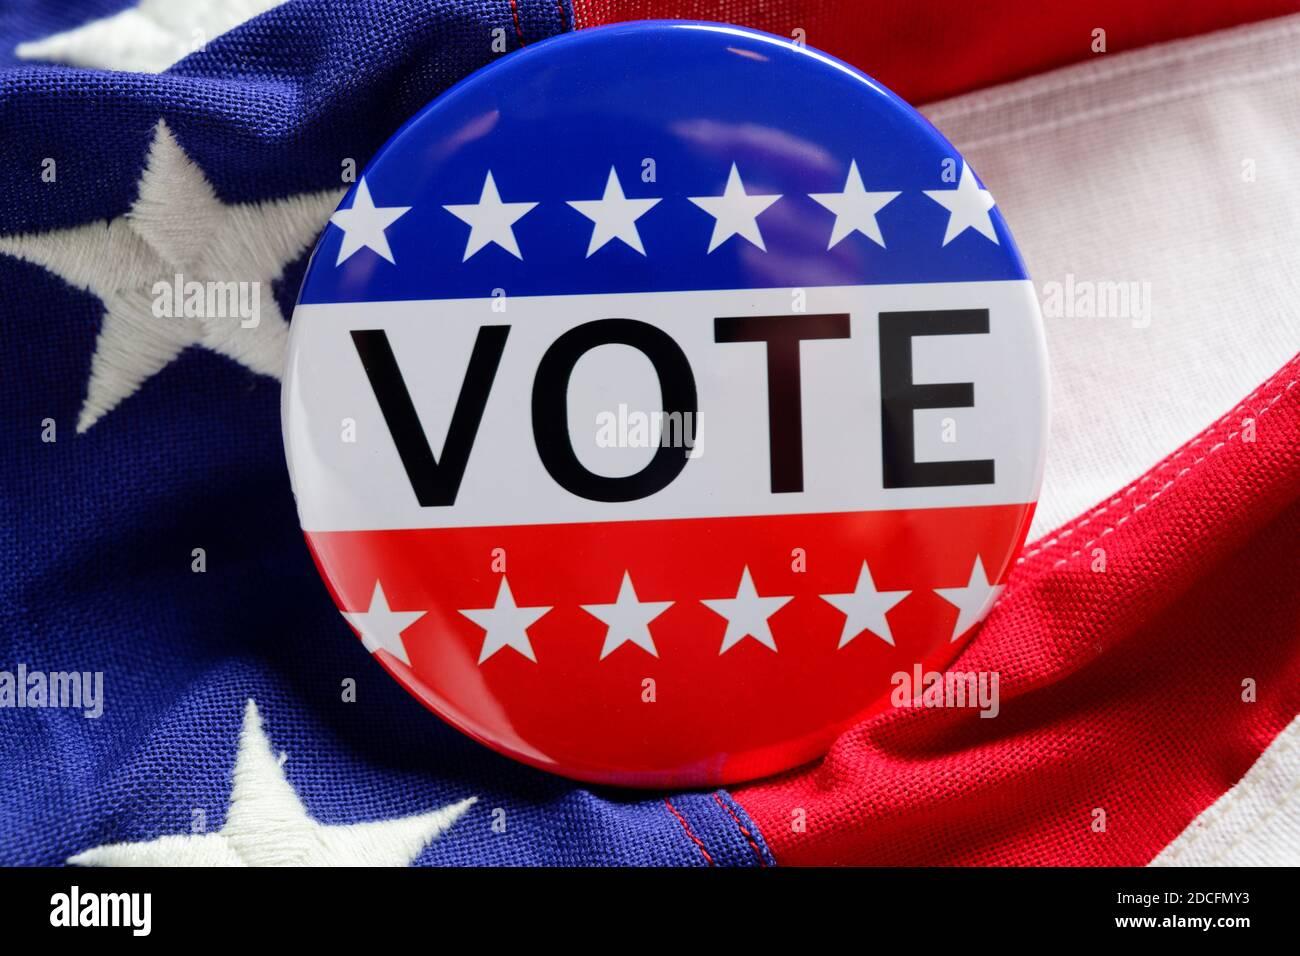 Un bouton DE VOTE rouge, blanc et bleu sur fond bleu Banque D'Images